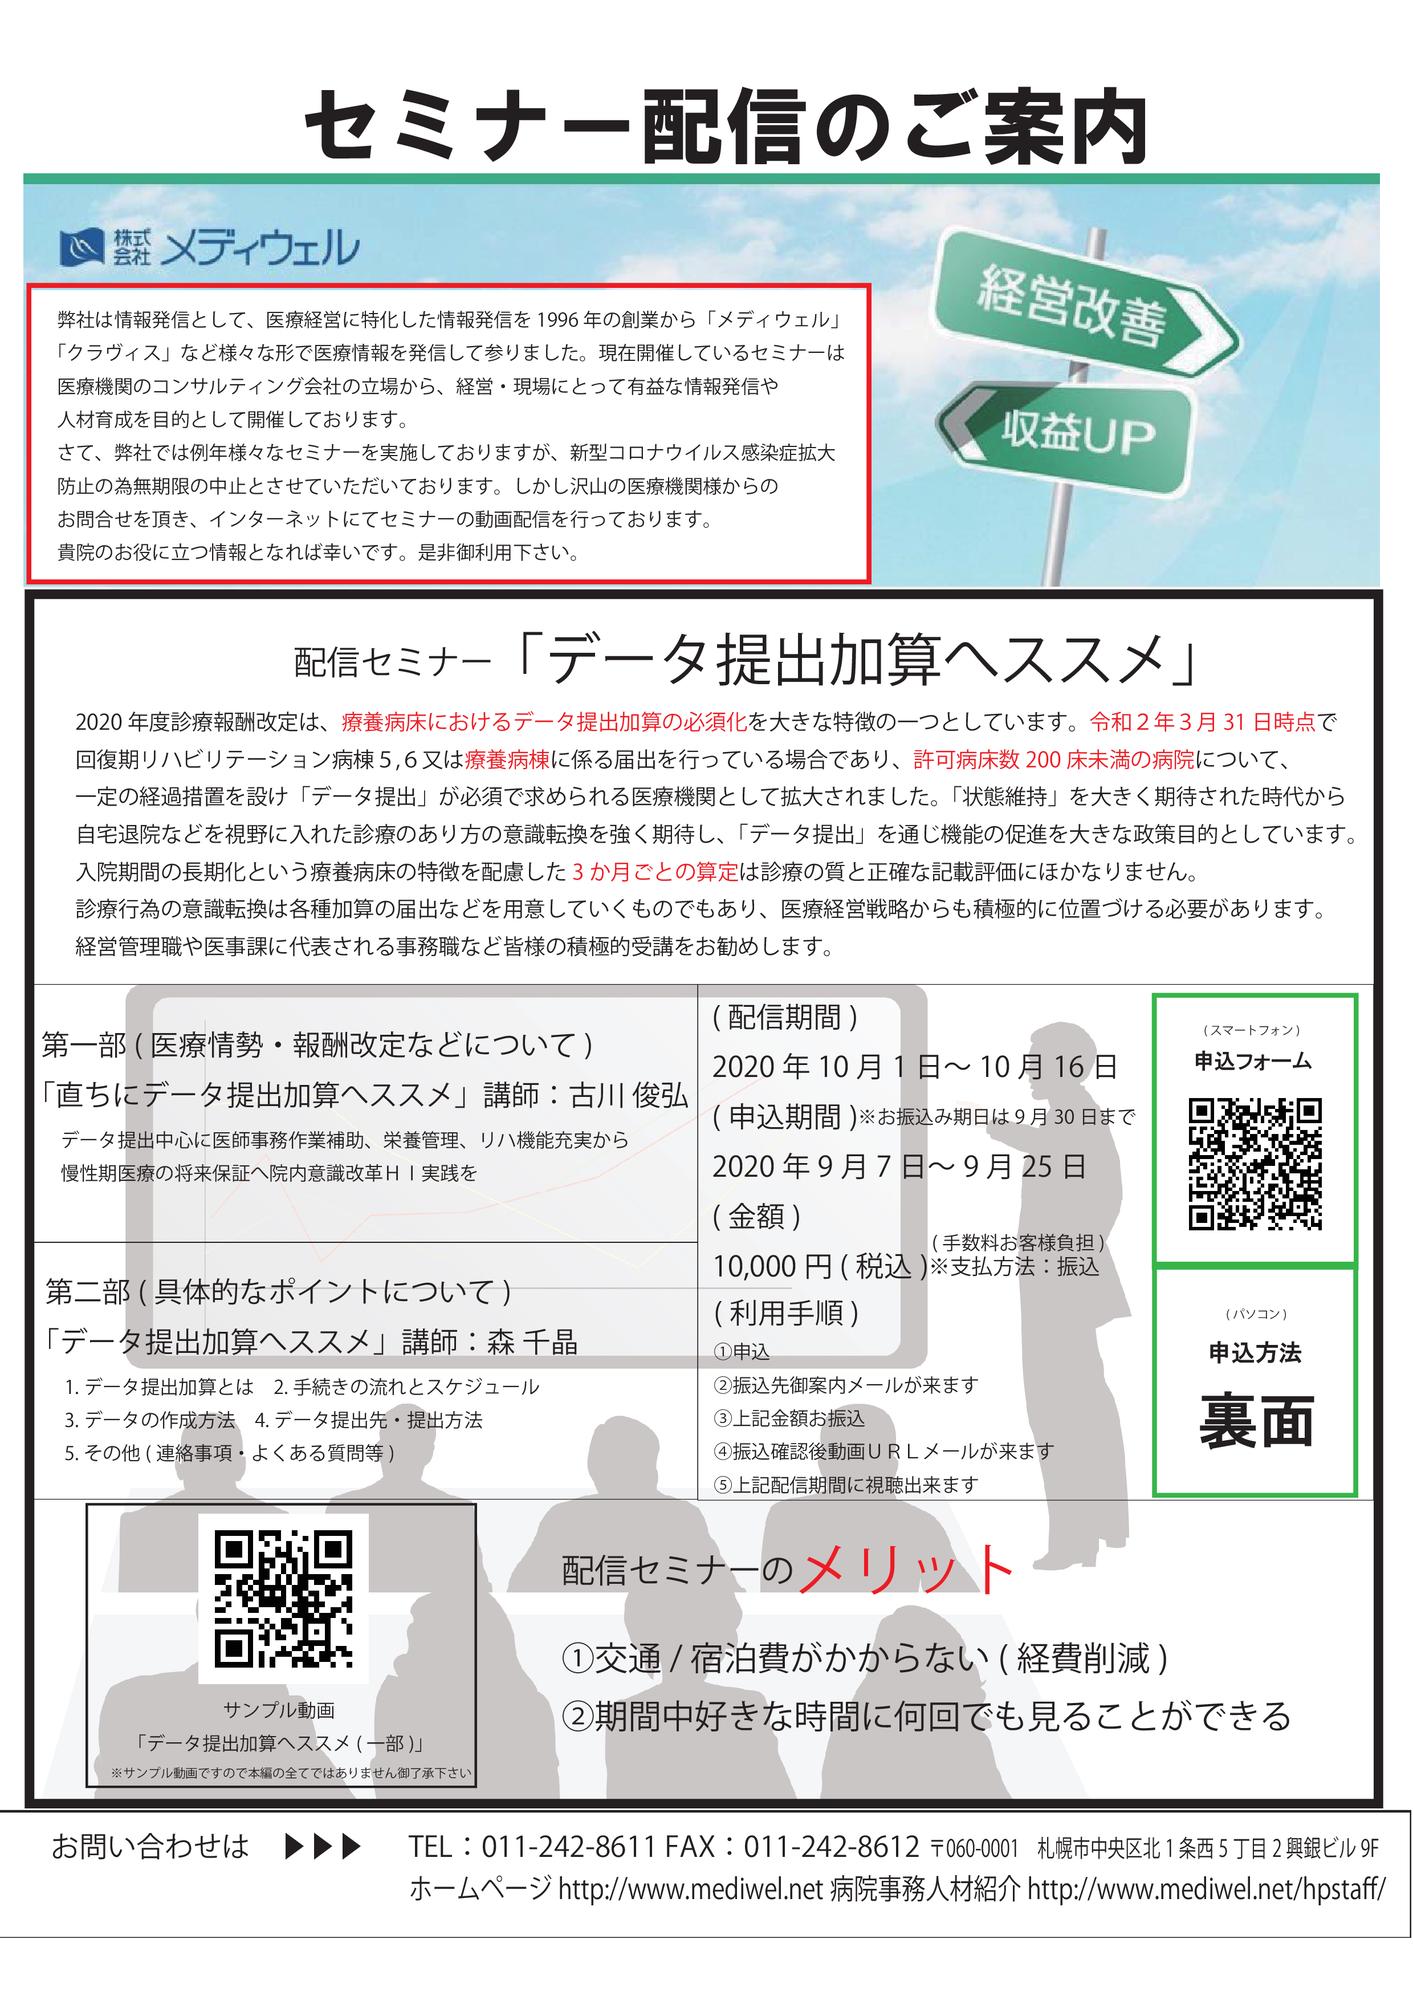 配信セミナー案内10月1日配信-001